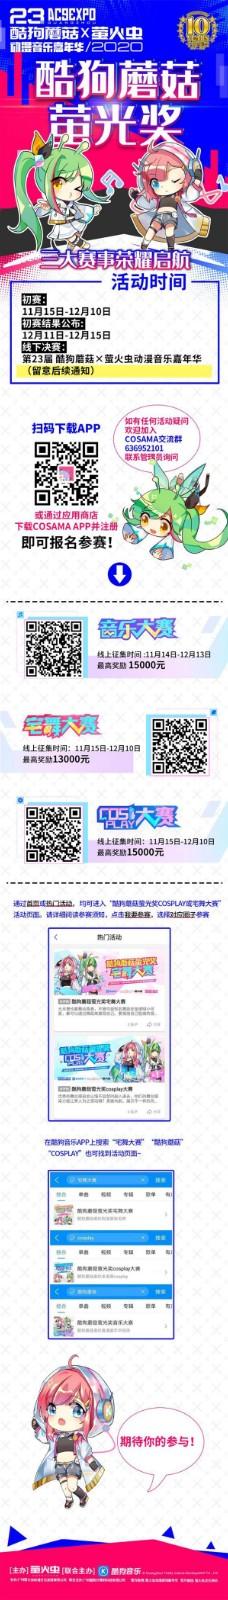 广州跨年盛典!酷狗蘑菇萤火虫第一波明星阵容公布!